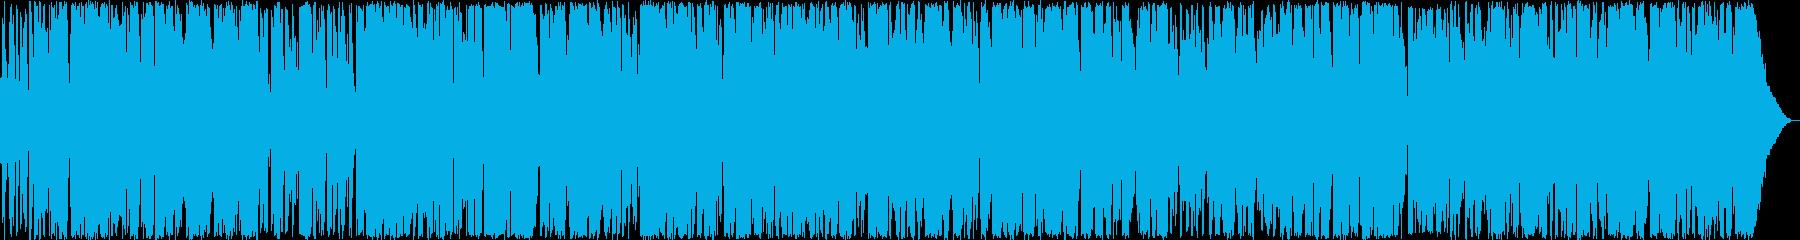 アンティークカフェで聴くボサノバ風曲の再生済みの波形